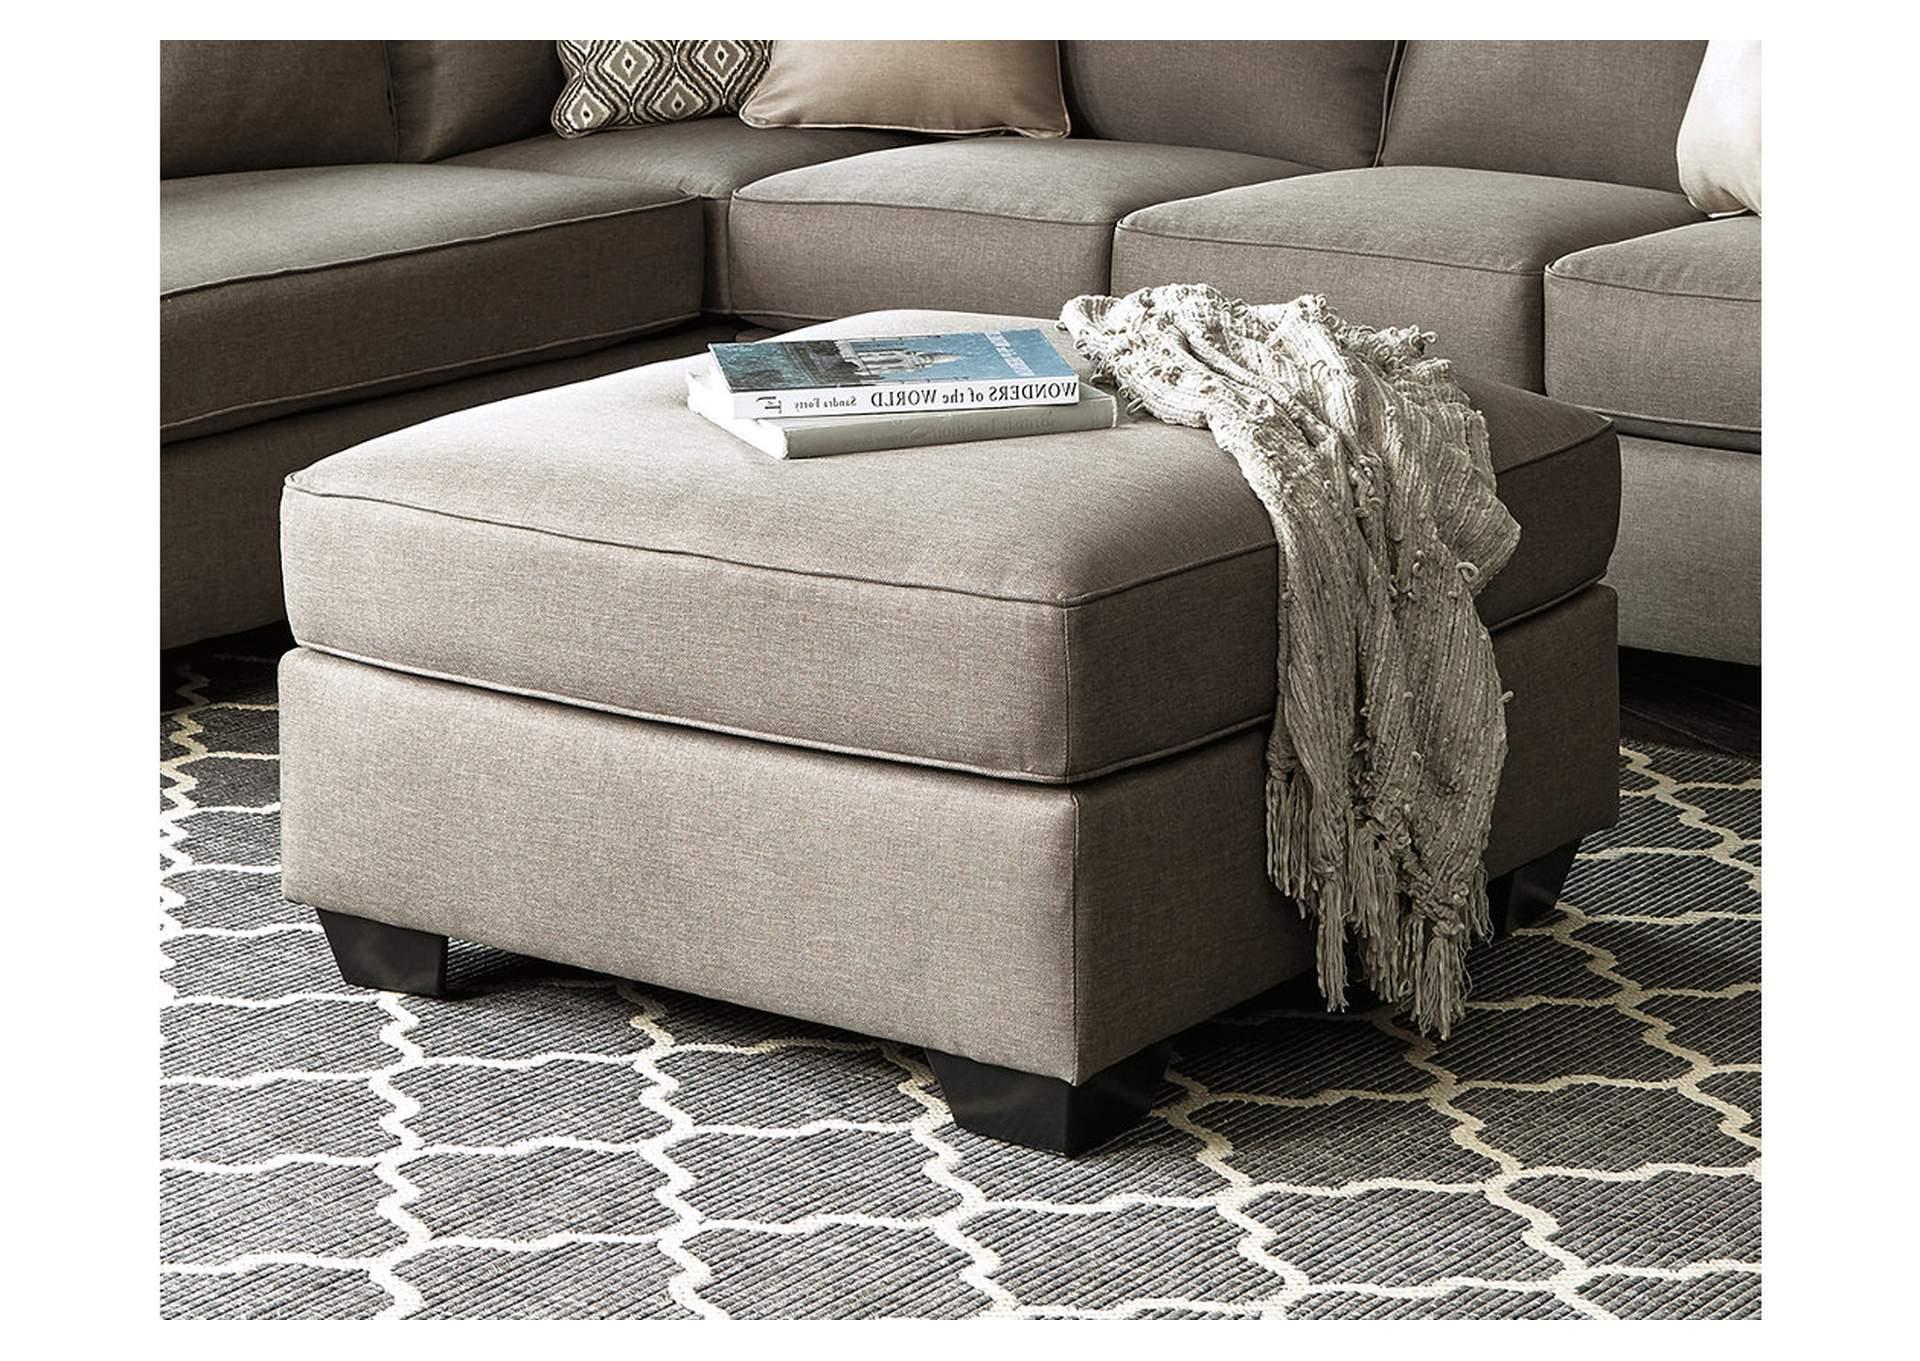 Morrison S Furniture Calicho Cashmere Oversized Accent Ottoman